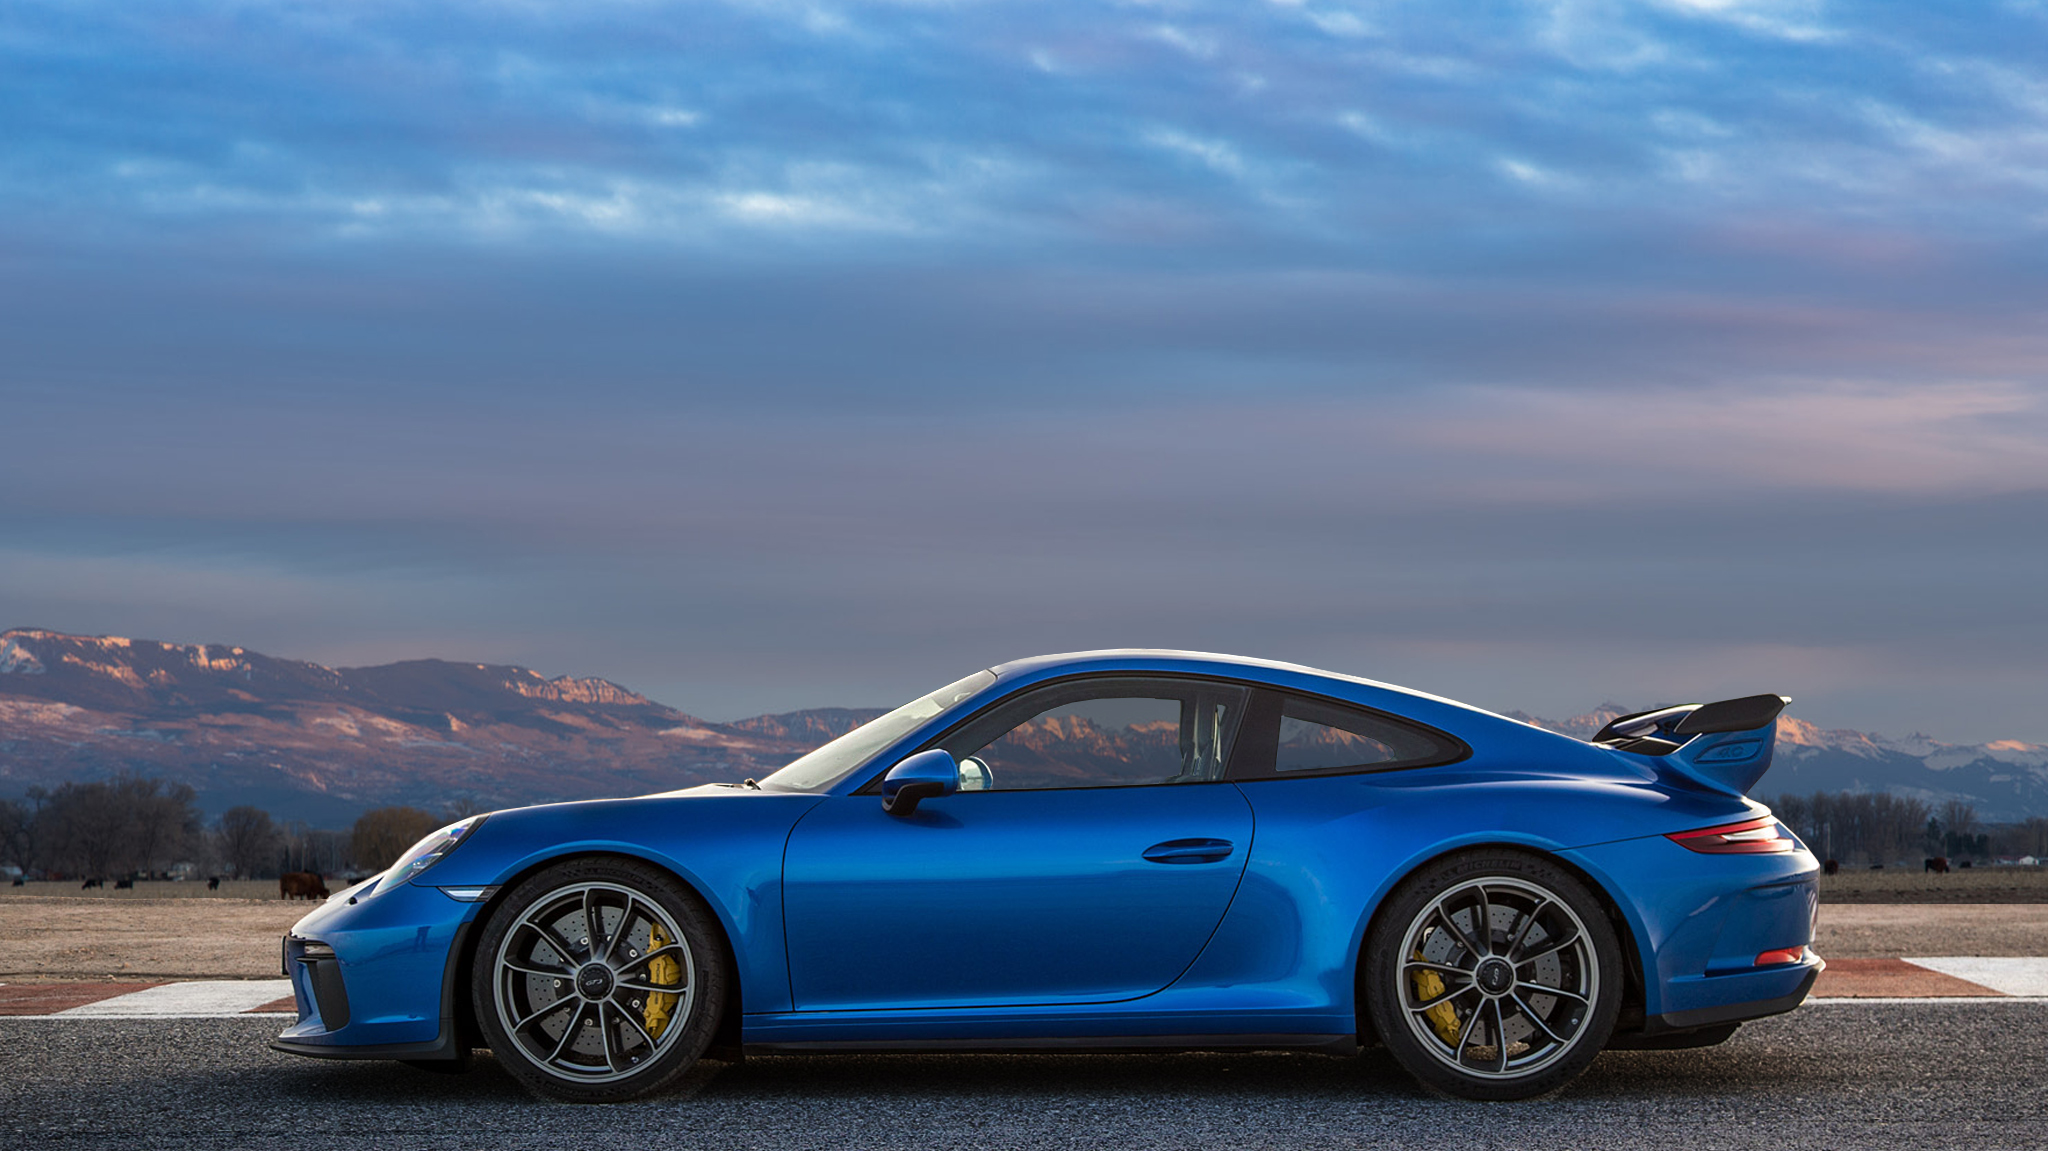 Porsche 911 Gt3 Rs Blue High Definition Wallpaper